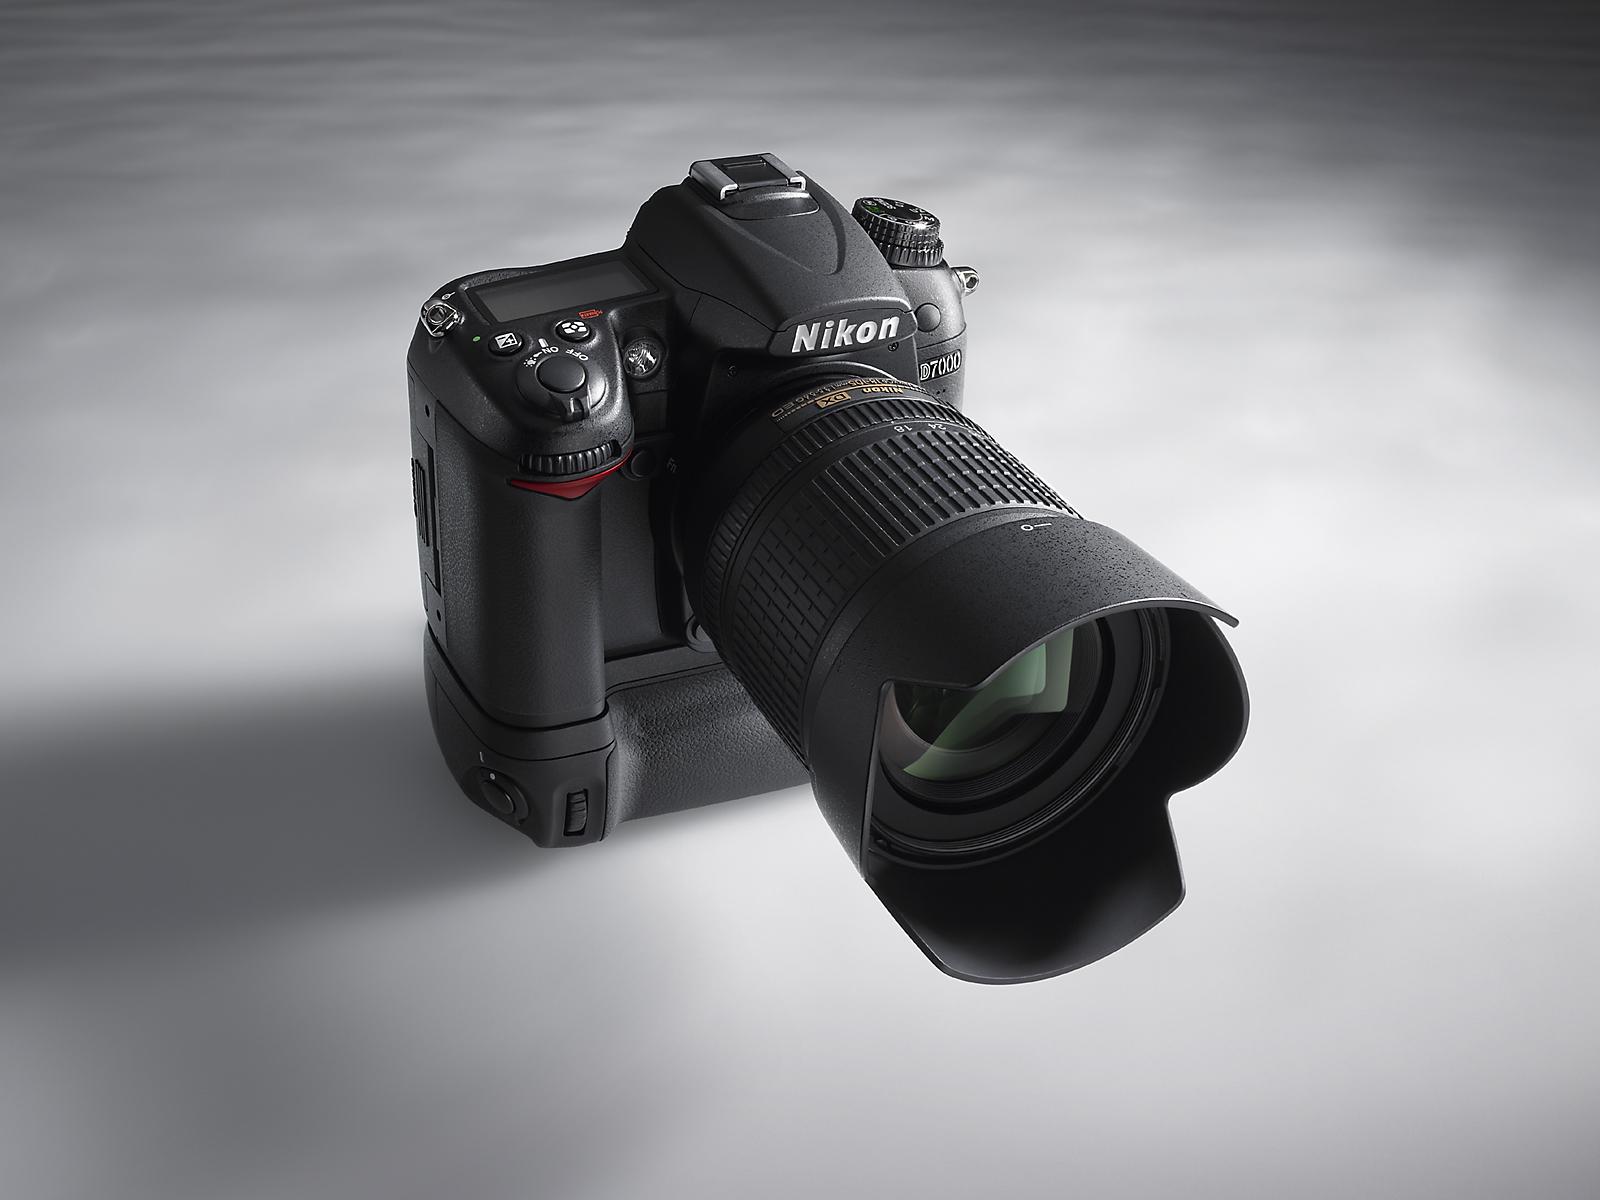 Nikon D7000 - 14